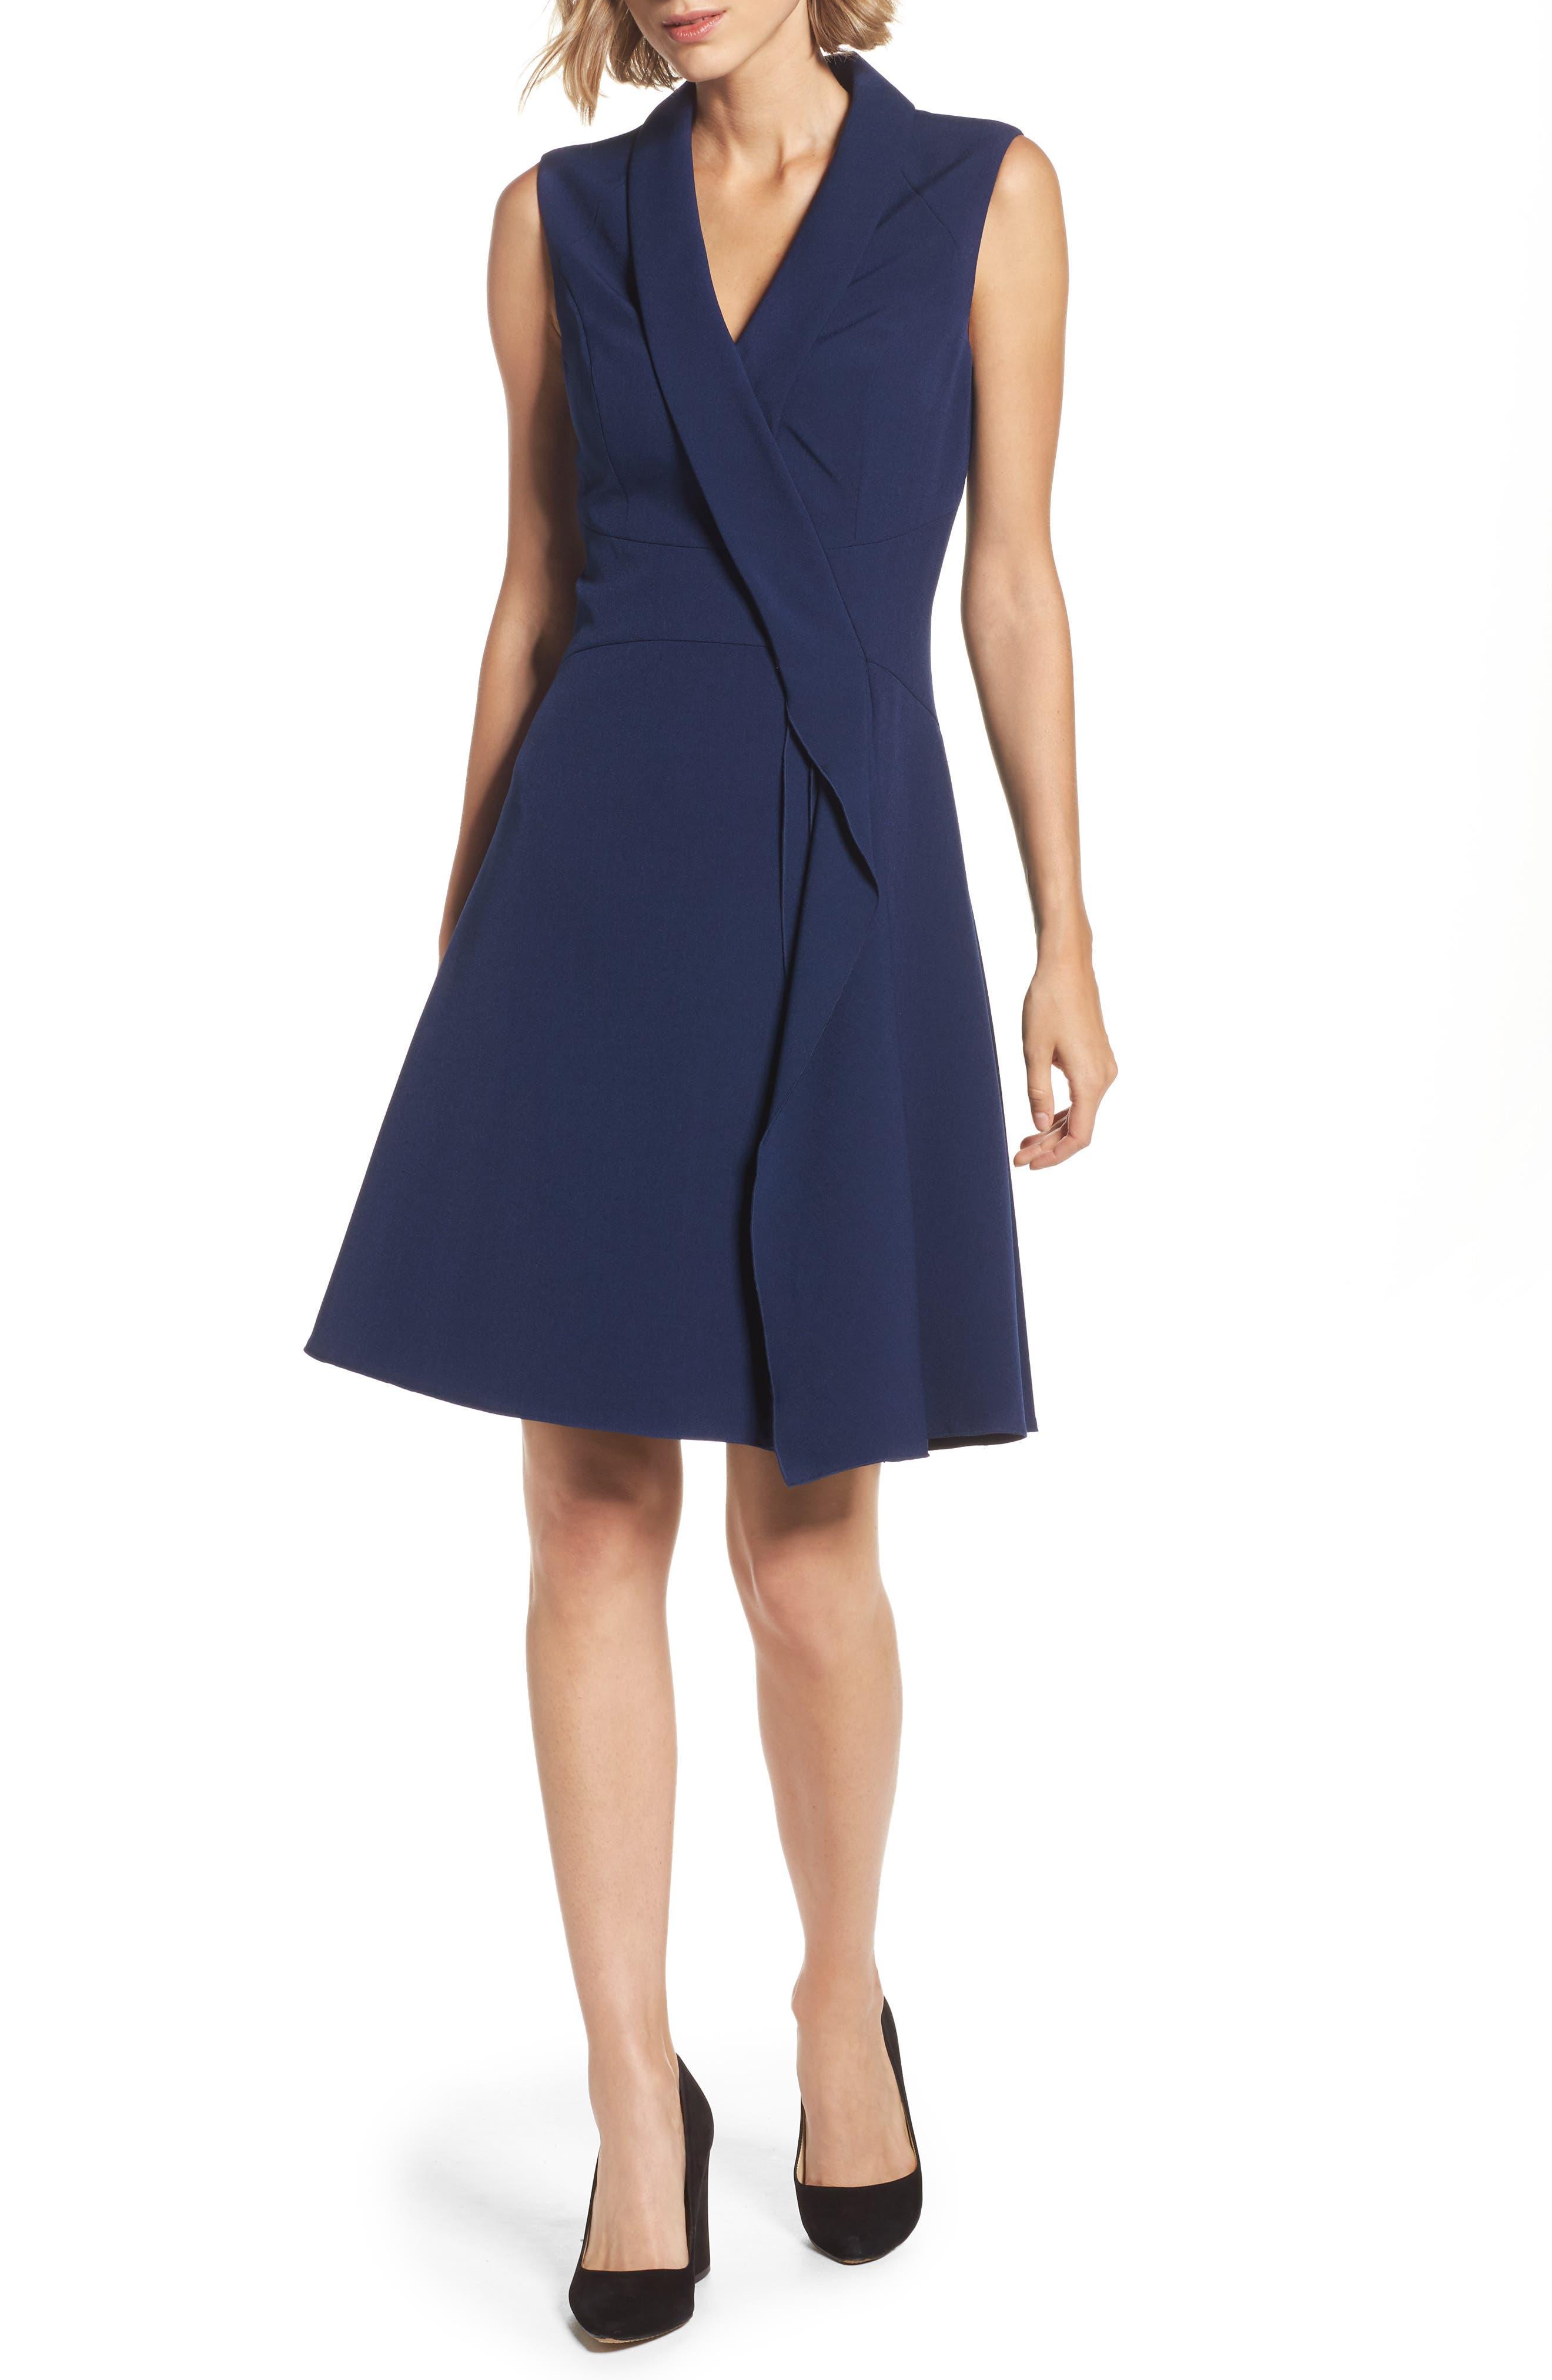 Adrianna Papell Stretch Crepe A-Line Dress